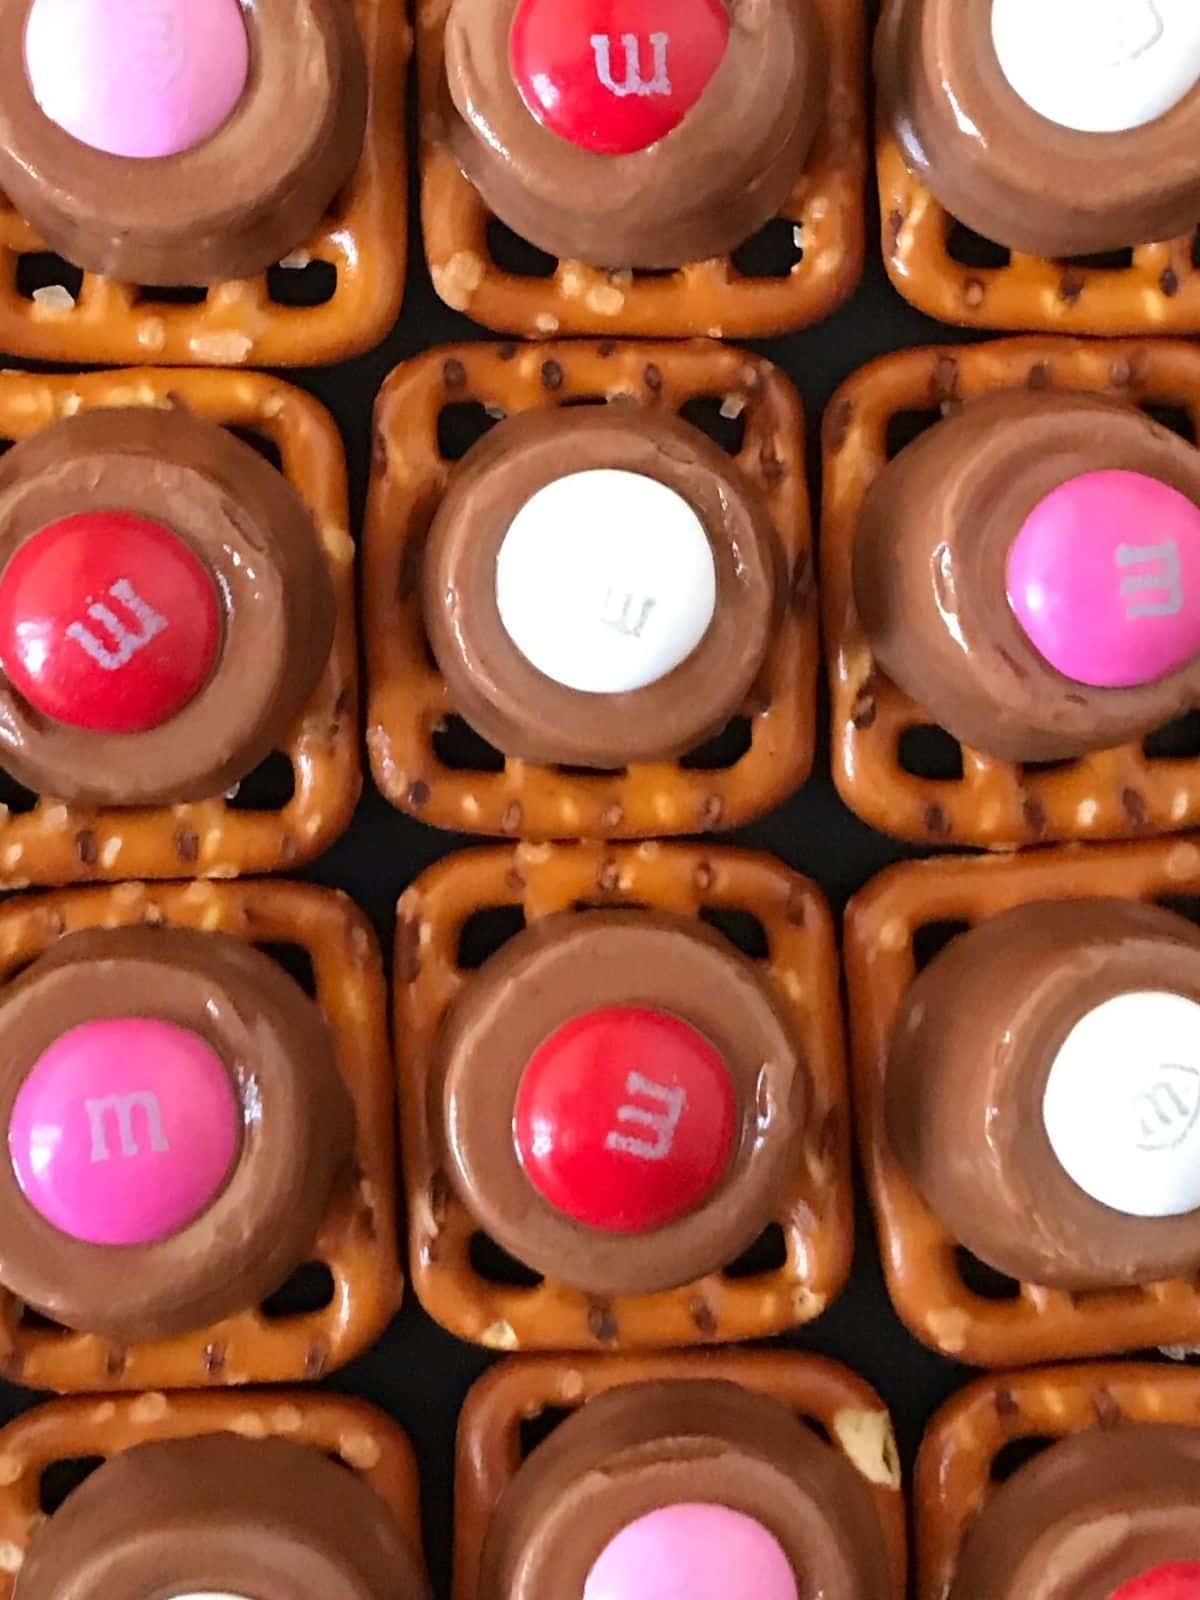 close up of array of pretzel treats